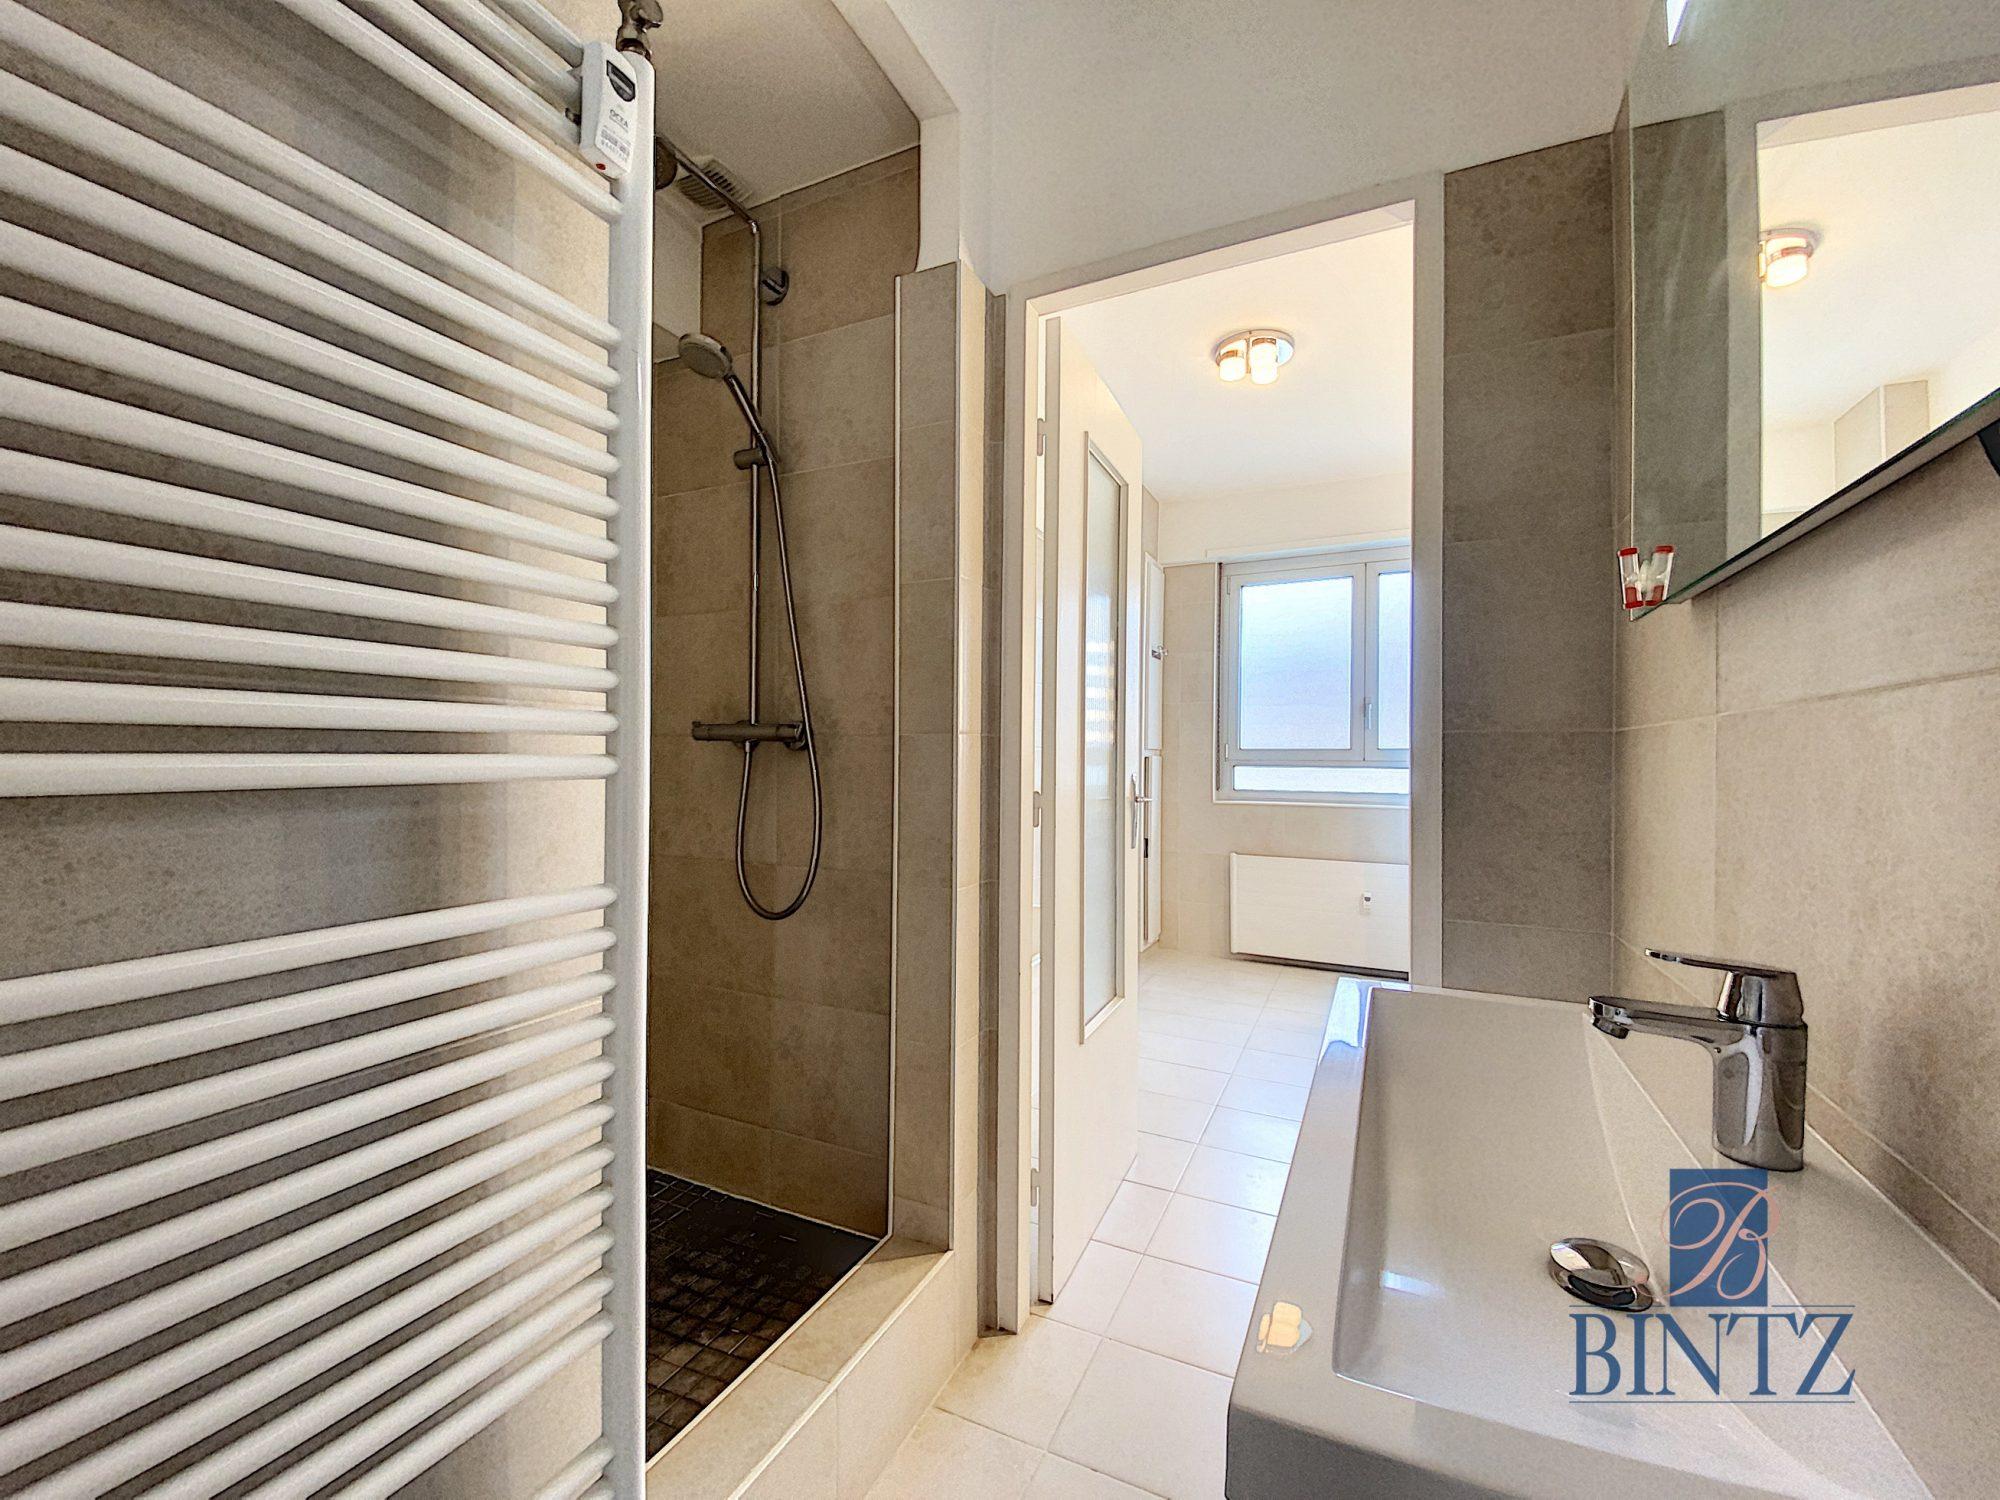 5 PIÈCES QUARTIER CONTADES - Devenez locataire en toute sérénité - Bintz Immobilier - 16